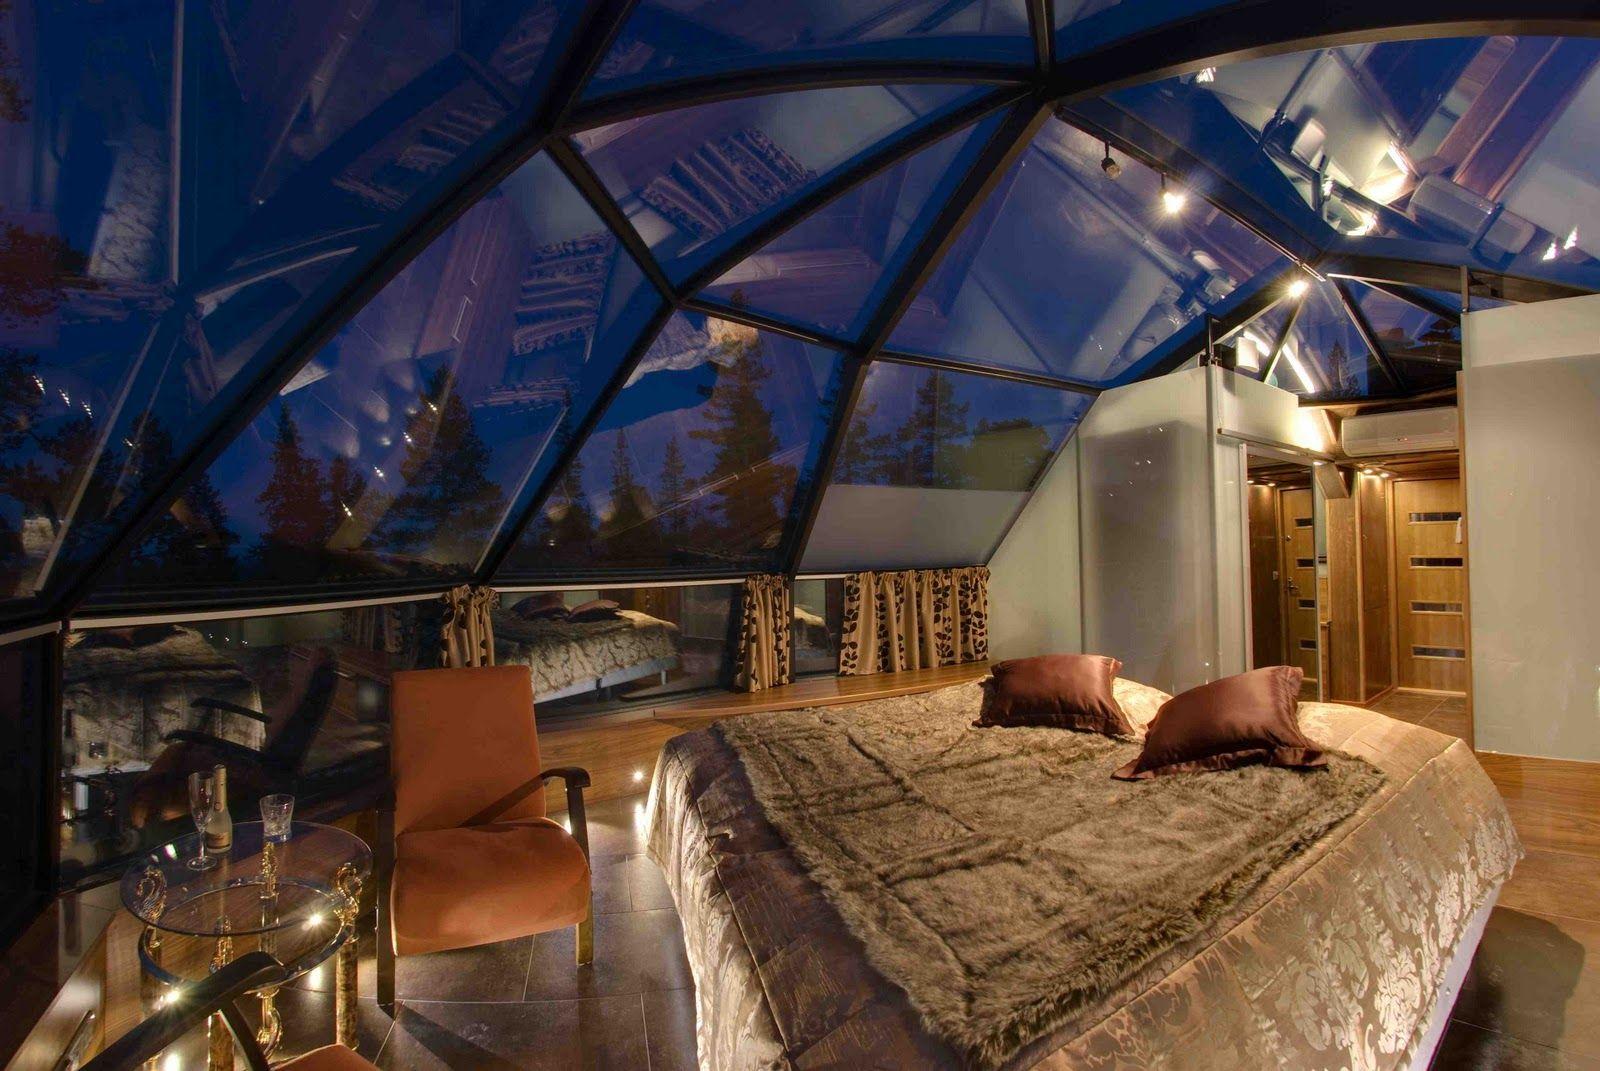 Отель в финляндии с прозрачной крышей фото основном составе